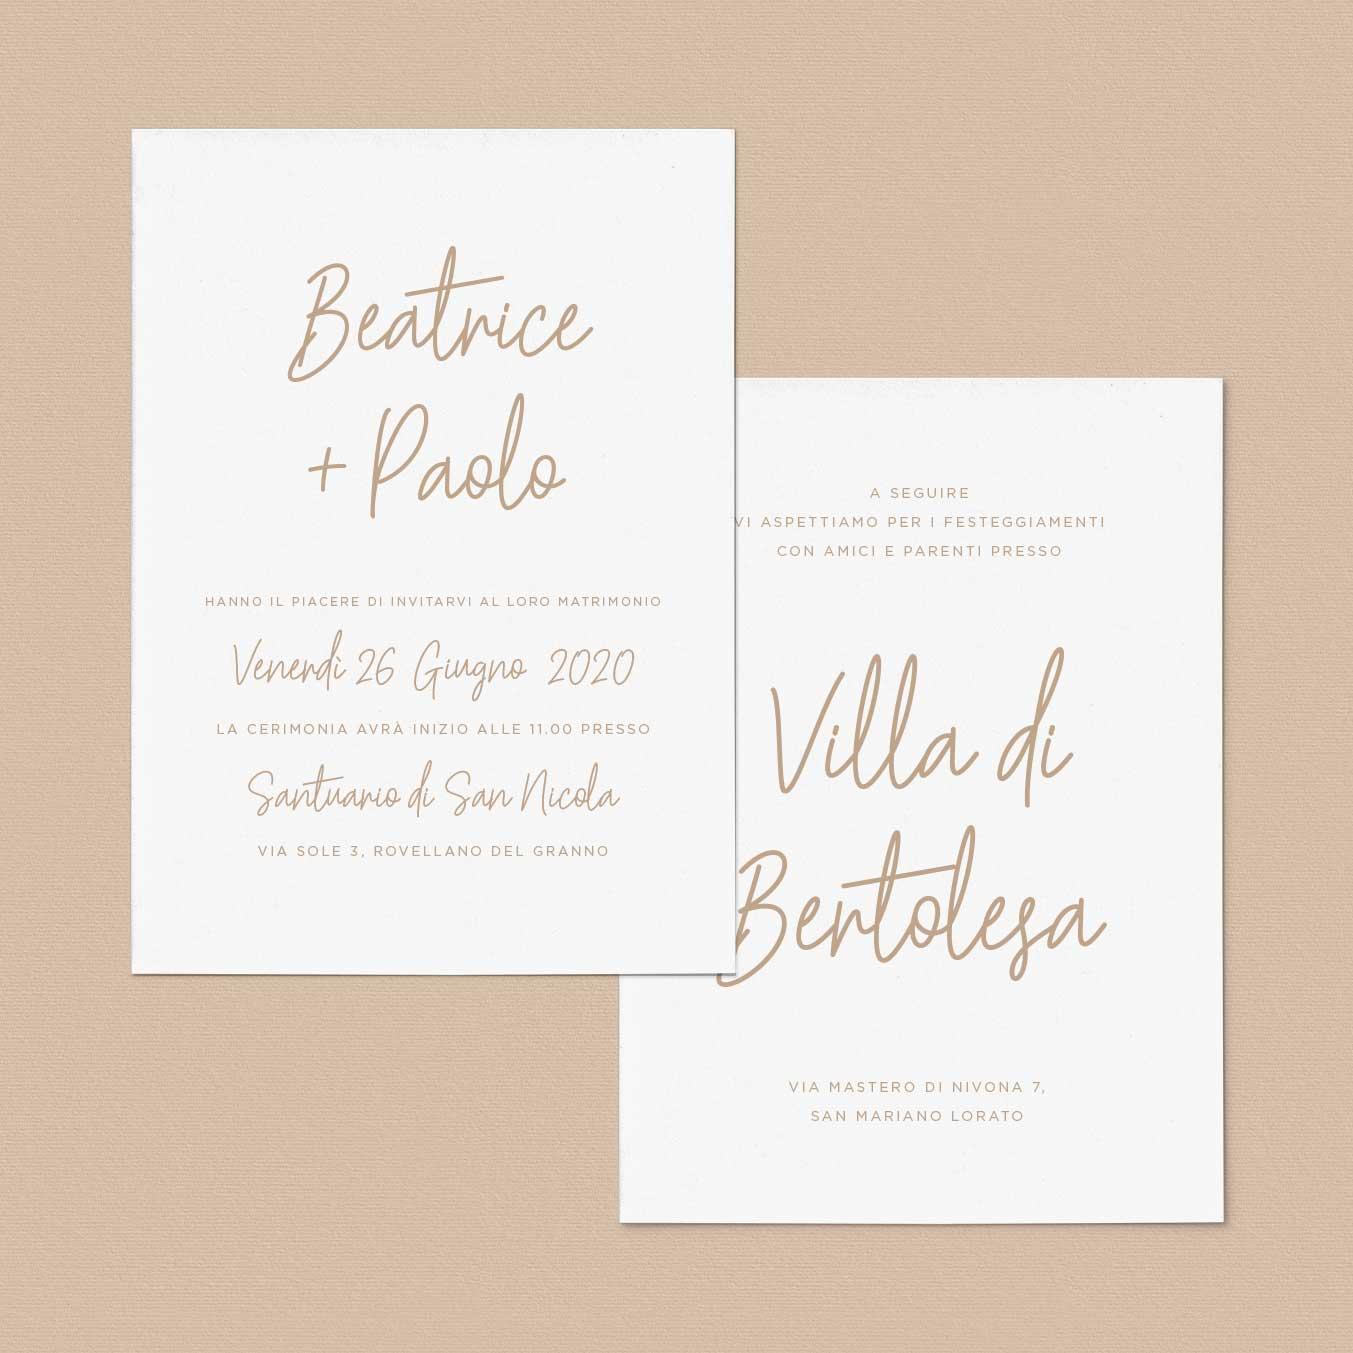 Inviti-nozze-matrimonio-originali-moderne-eleganti-semplice-idea-esempio-modelli